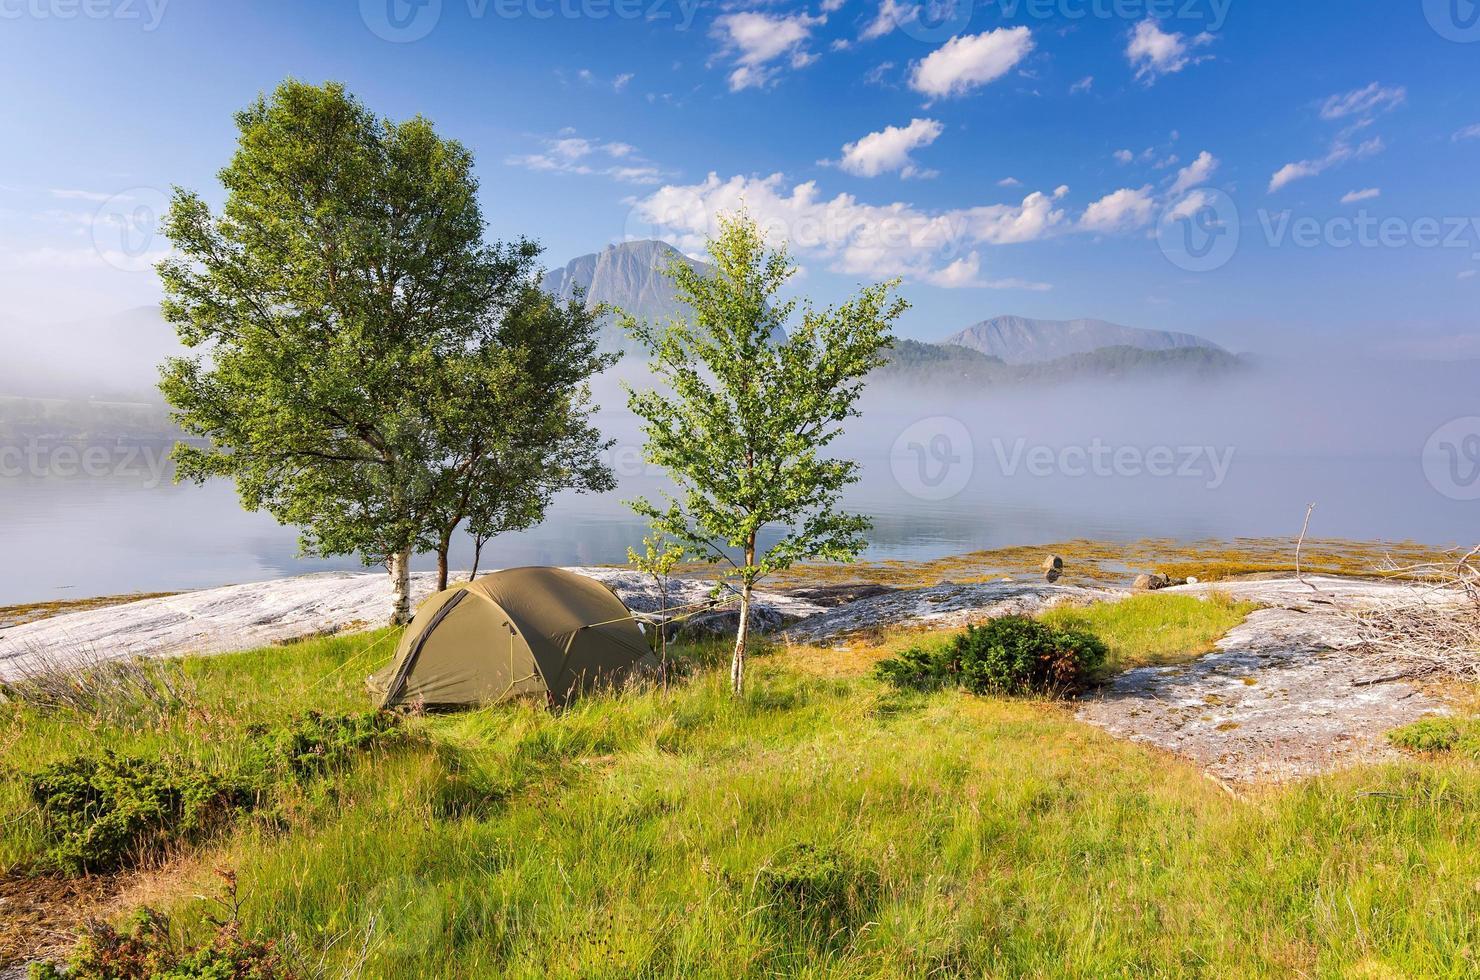 wildes Lager in wunderschöner nebliger Landschaft foto